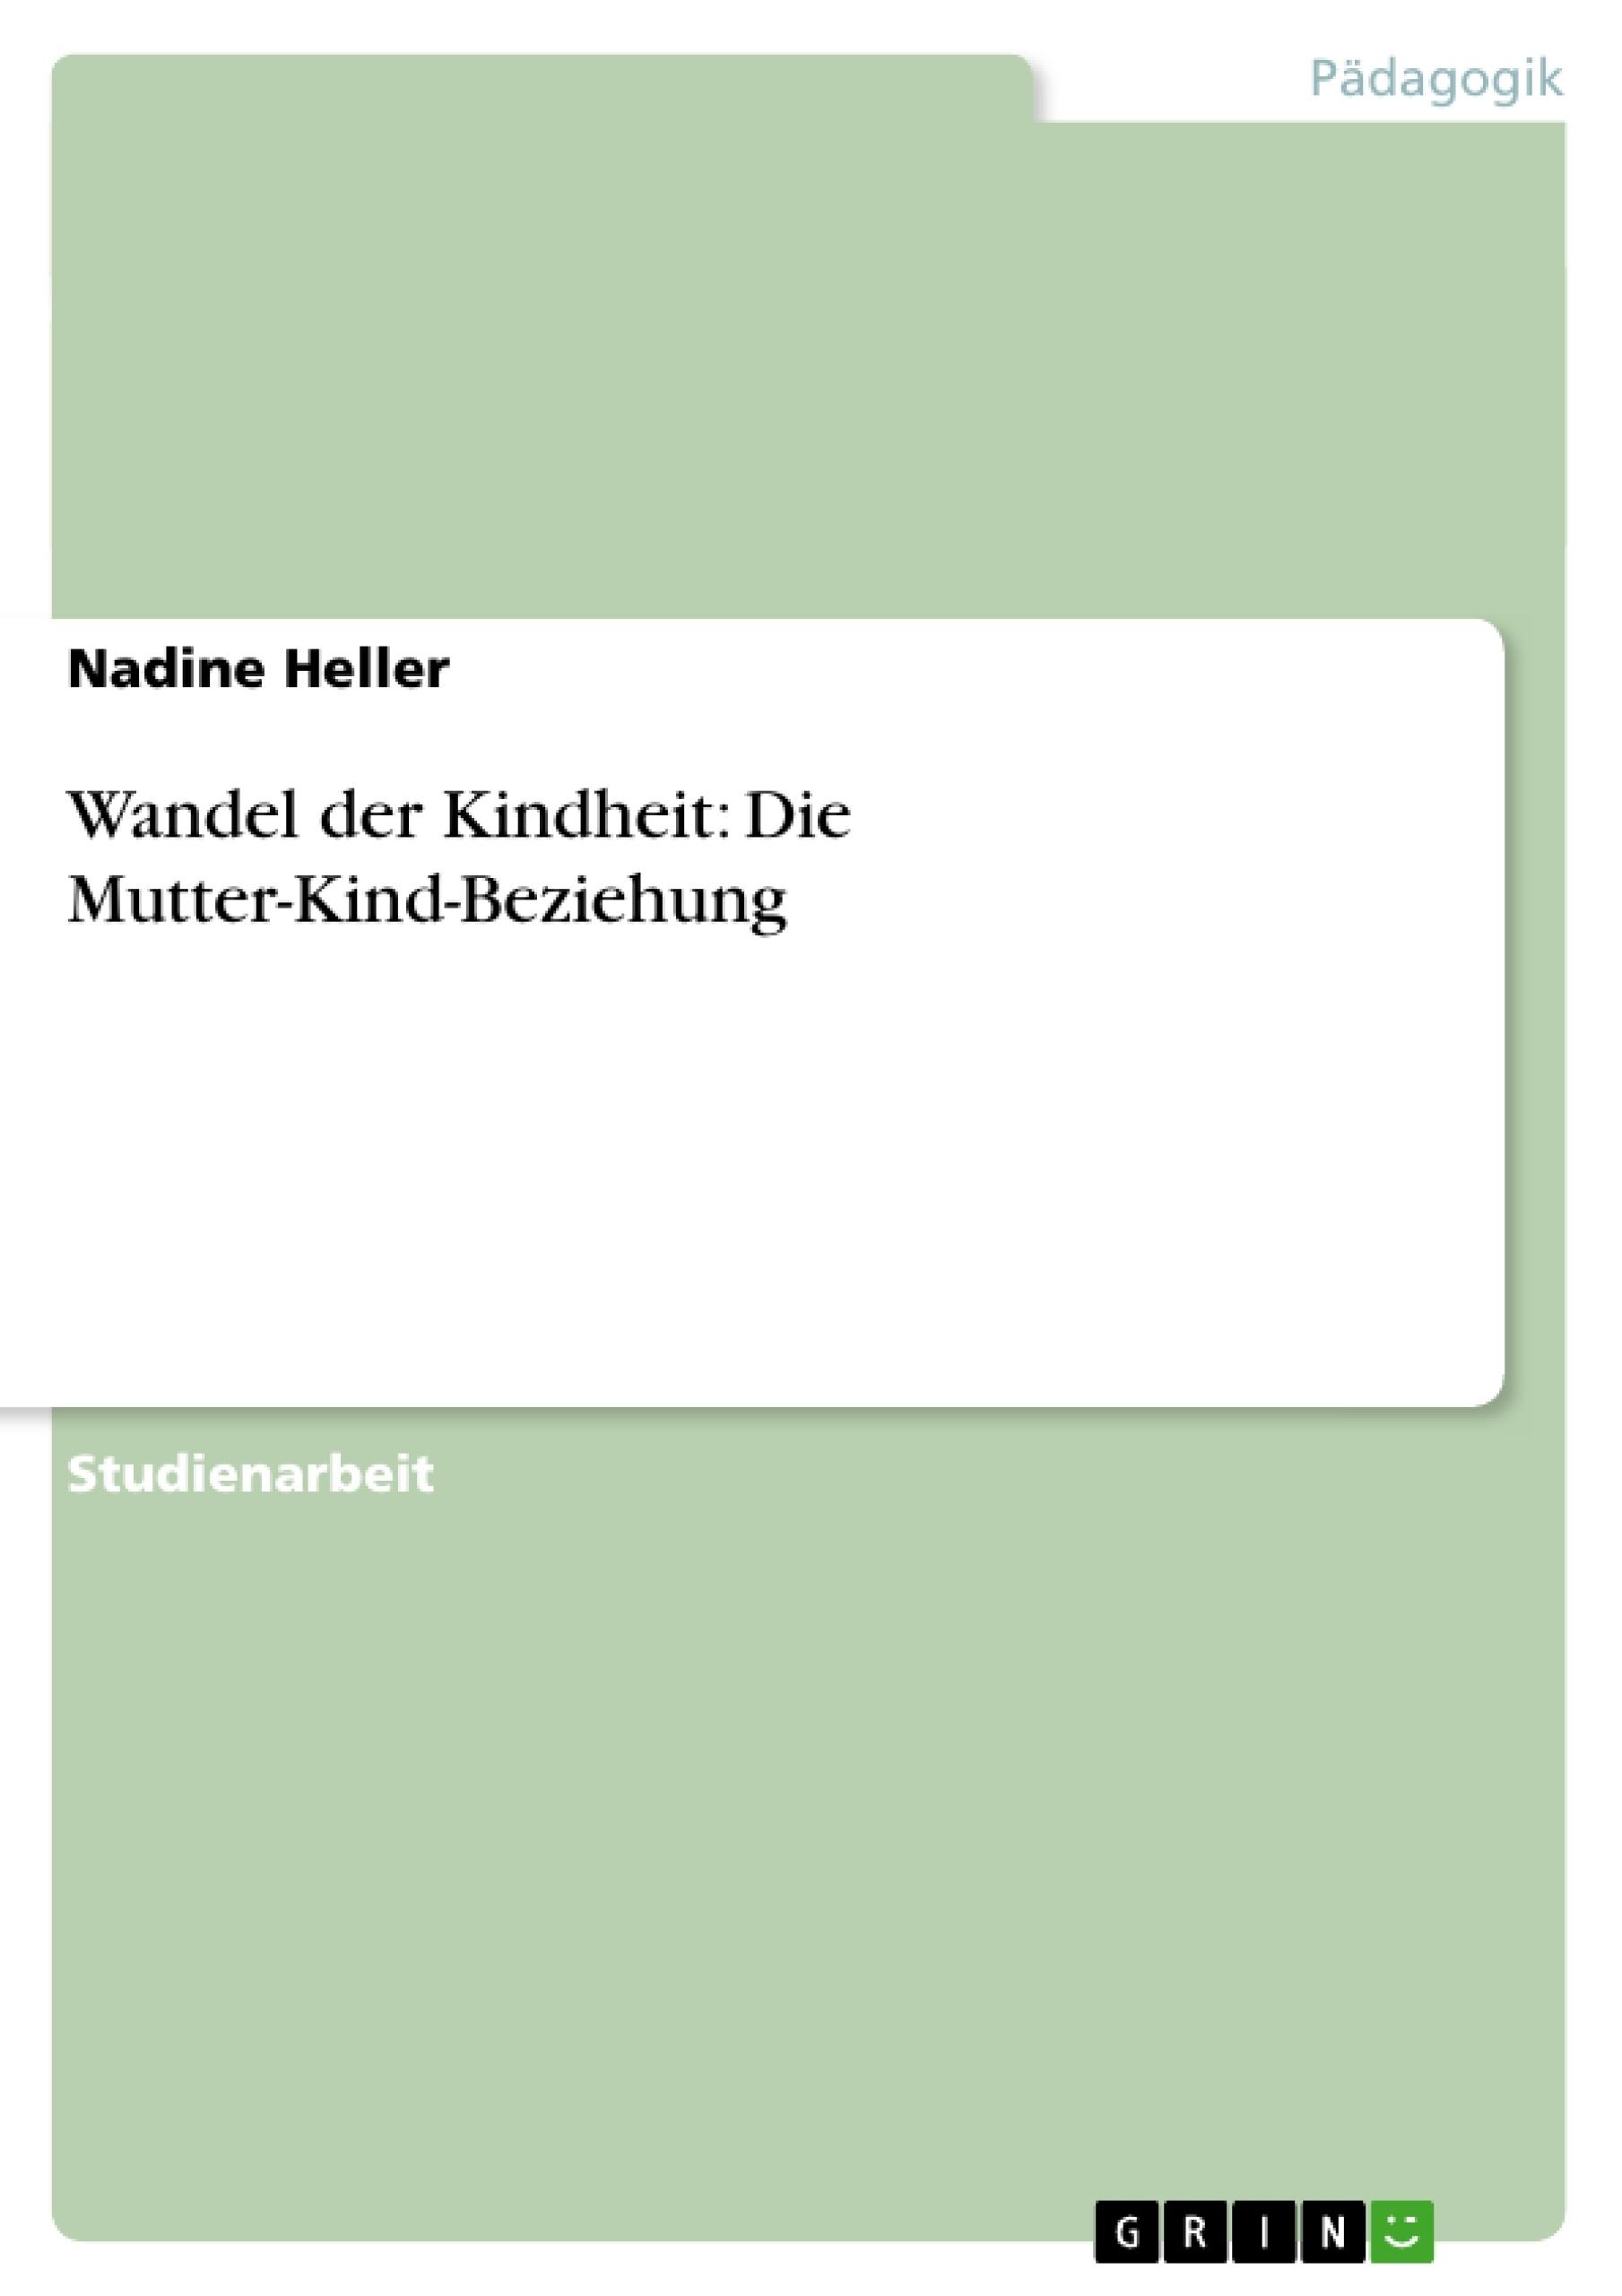 Titel: Wandel der Kindheit: Die Mutter-Kind-Beziehung